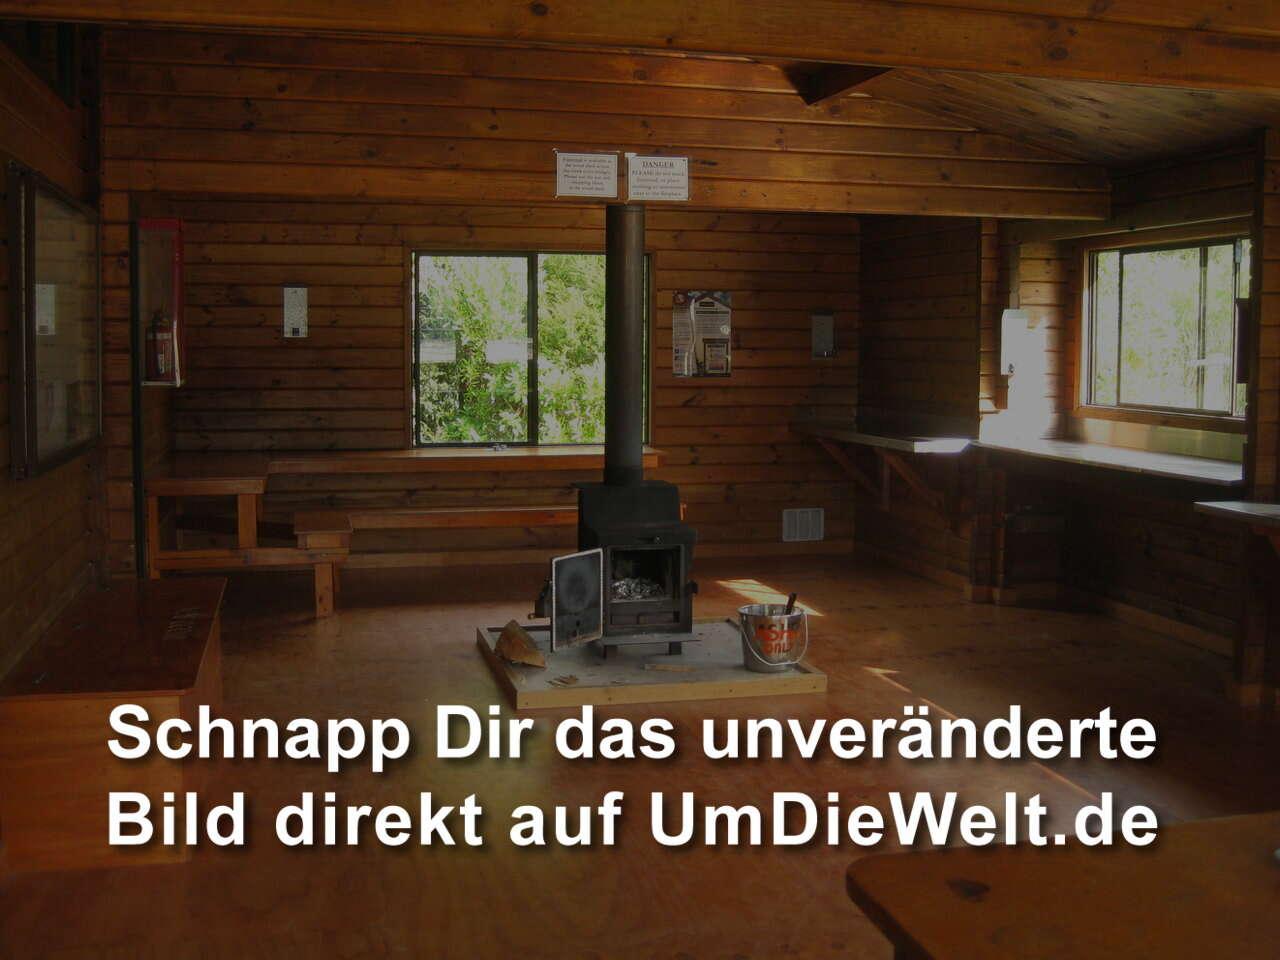 neuseeland reisebericht vom apfelpacker zum wilderer. Black Bedroom Furniture Sets. Home Design Ideas